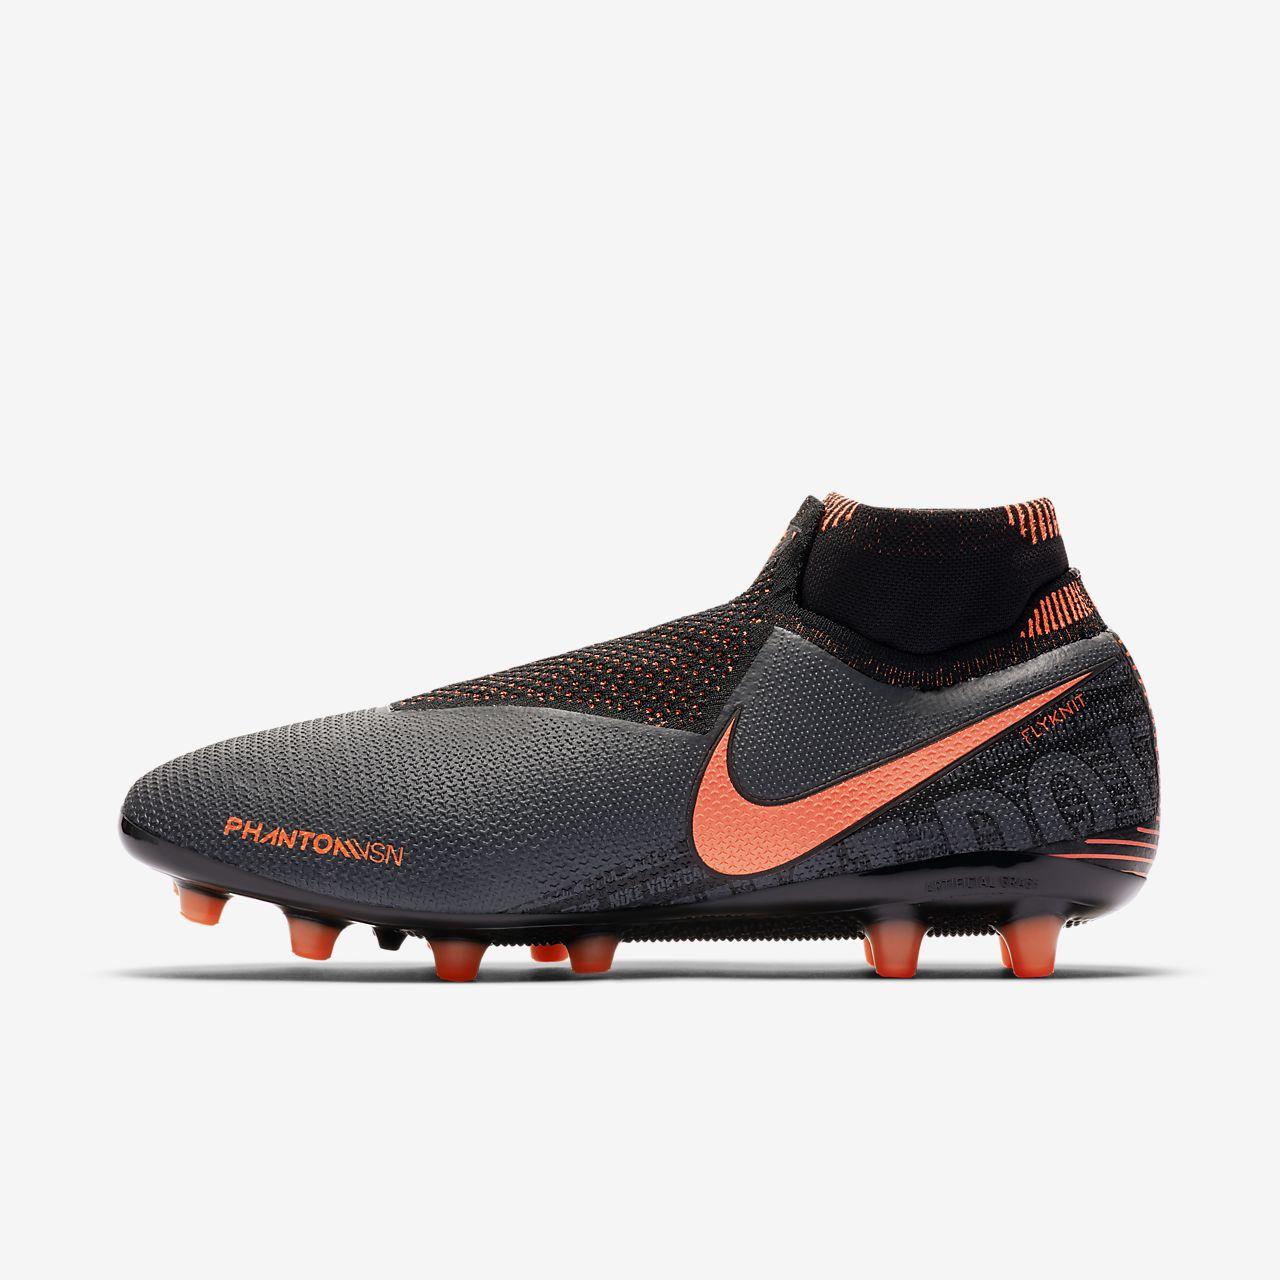 Fotbollssko Nike Phantom Vision Elite Dynamic Fit för konstgräs